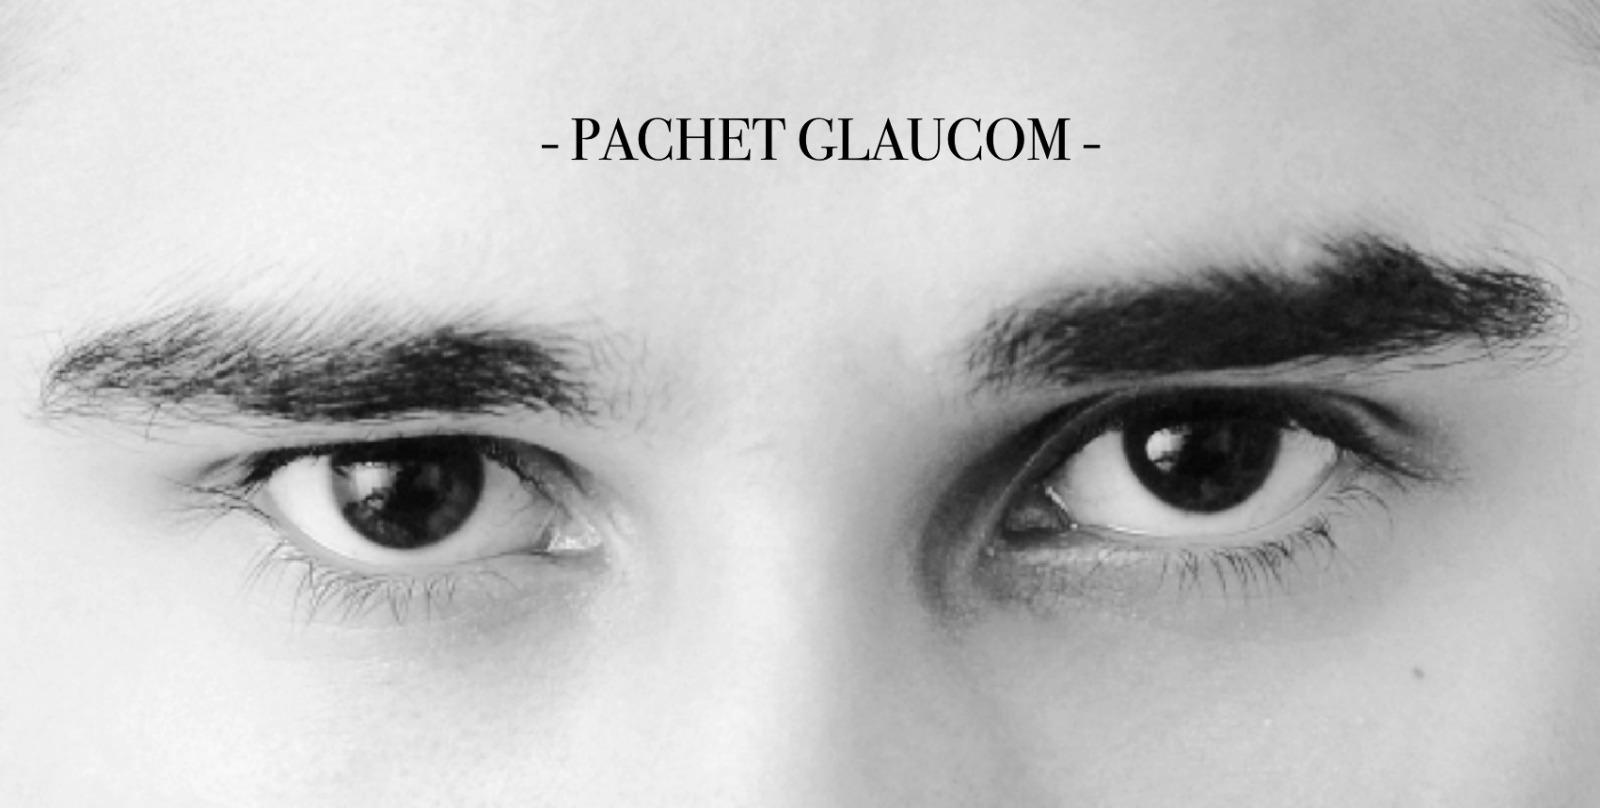 cum să îmbunătățim glaucomul vizual)